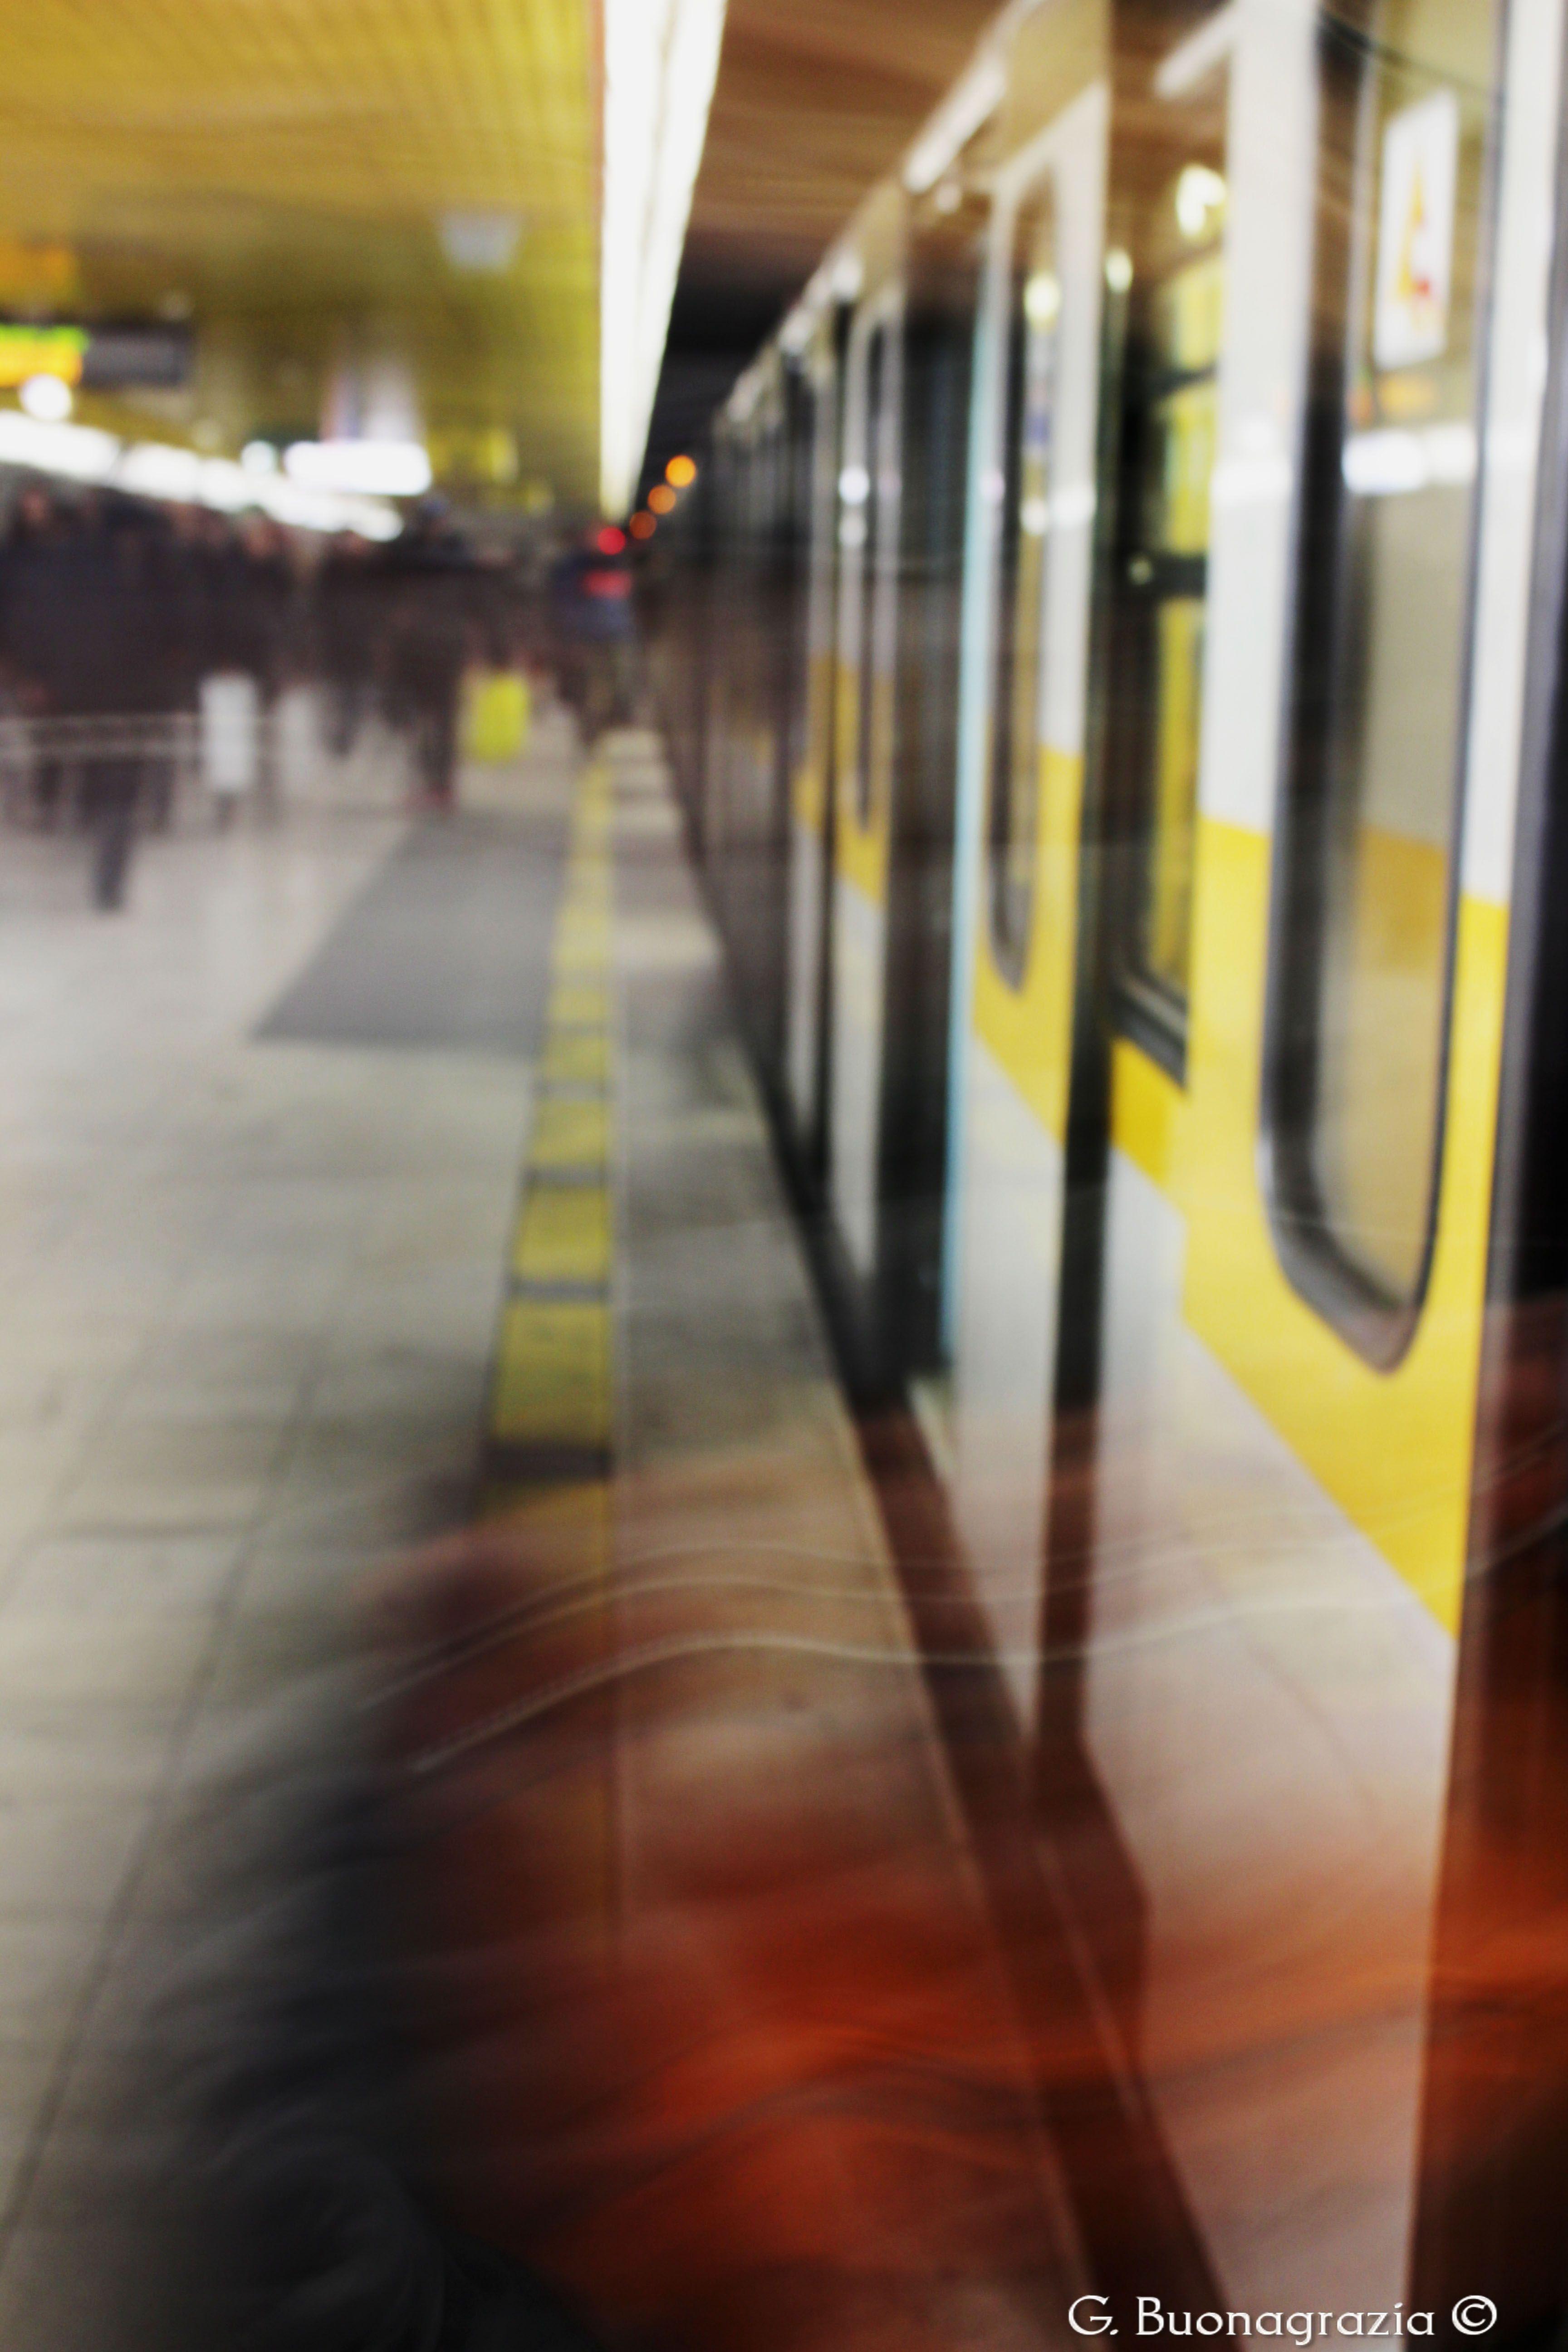 Metro Travel Milan Italy Urban Life Photo Milan